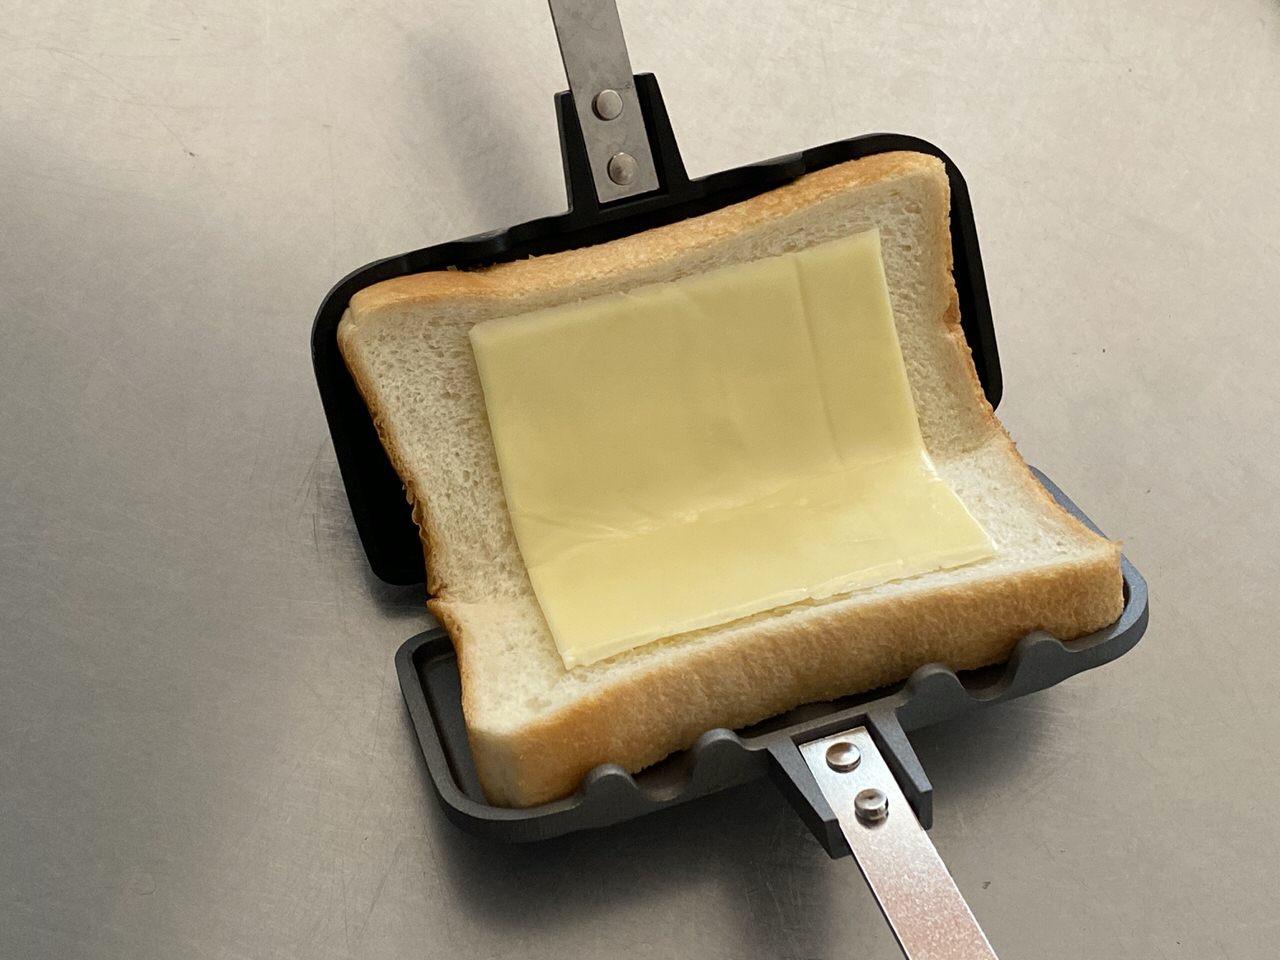 「ホットサンドソロ」コンビーフ+マヨネーズ+とろけるチーズのレシピ 4